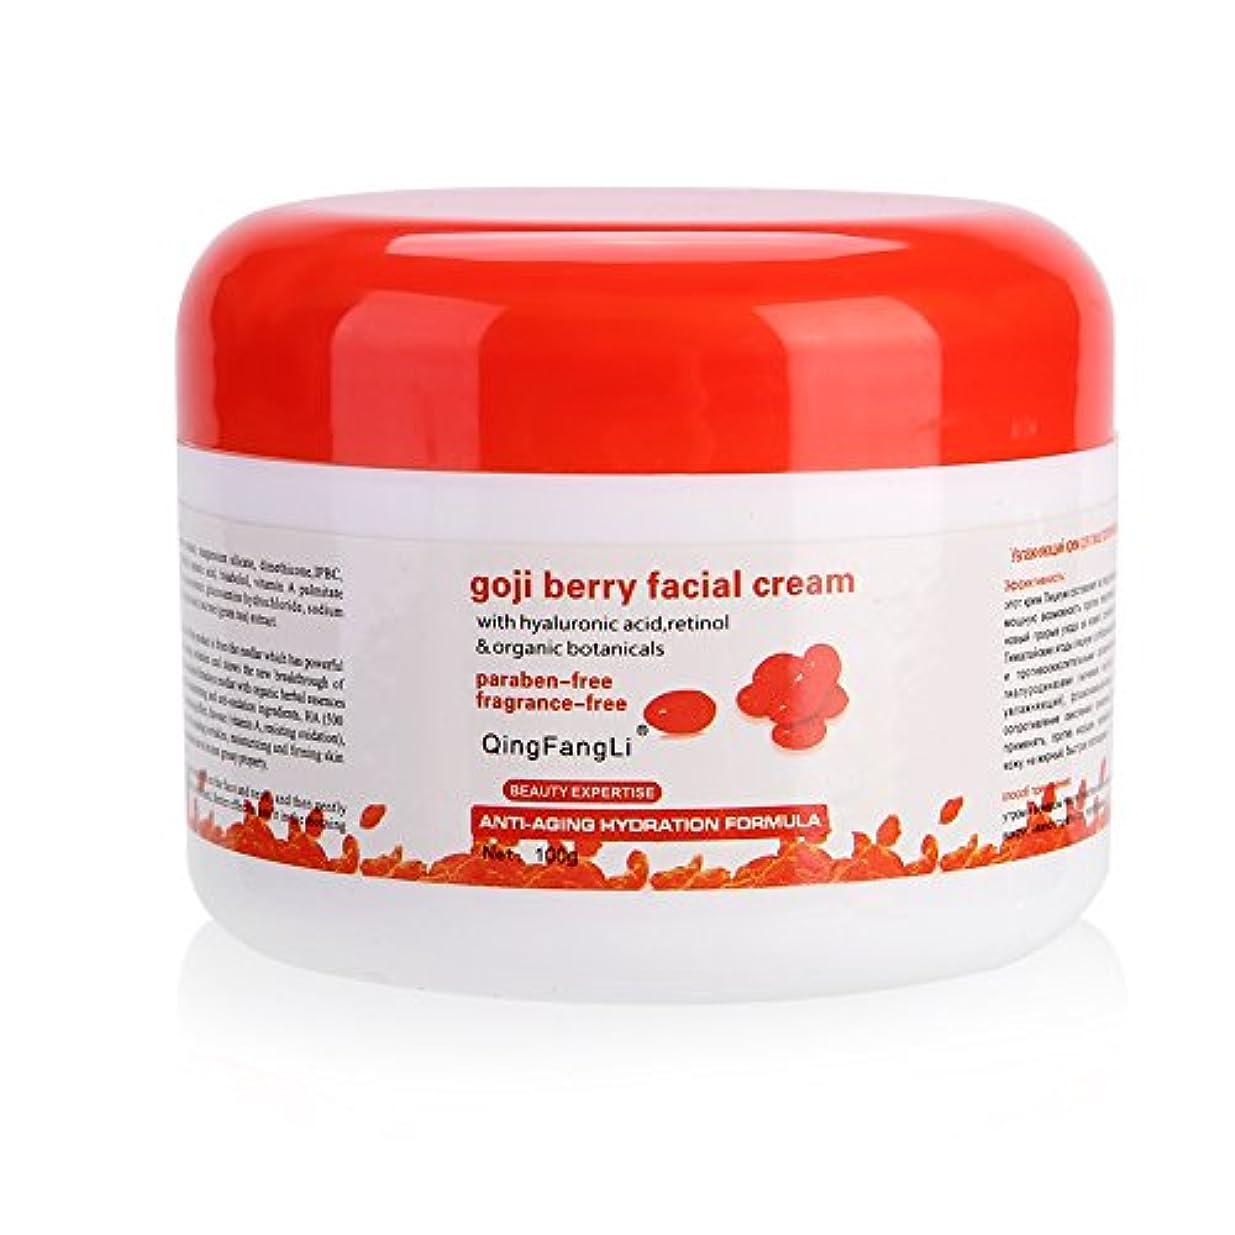 直径シンカンまたねTranditional Goji Berryホワイトニングモイスチャライゼーション活性化抗酸化デイ/ナイトクリーム